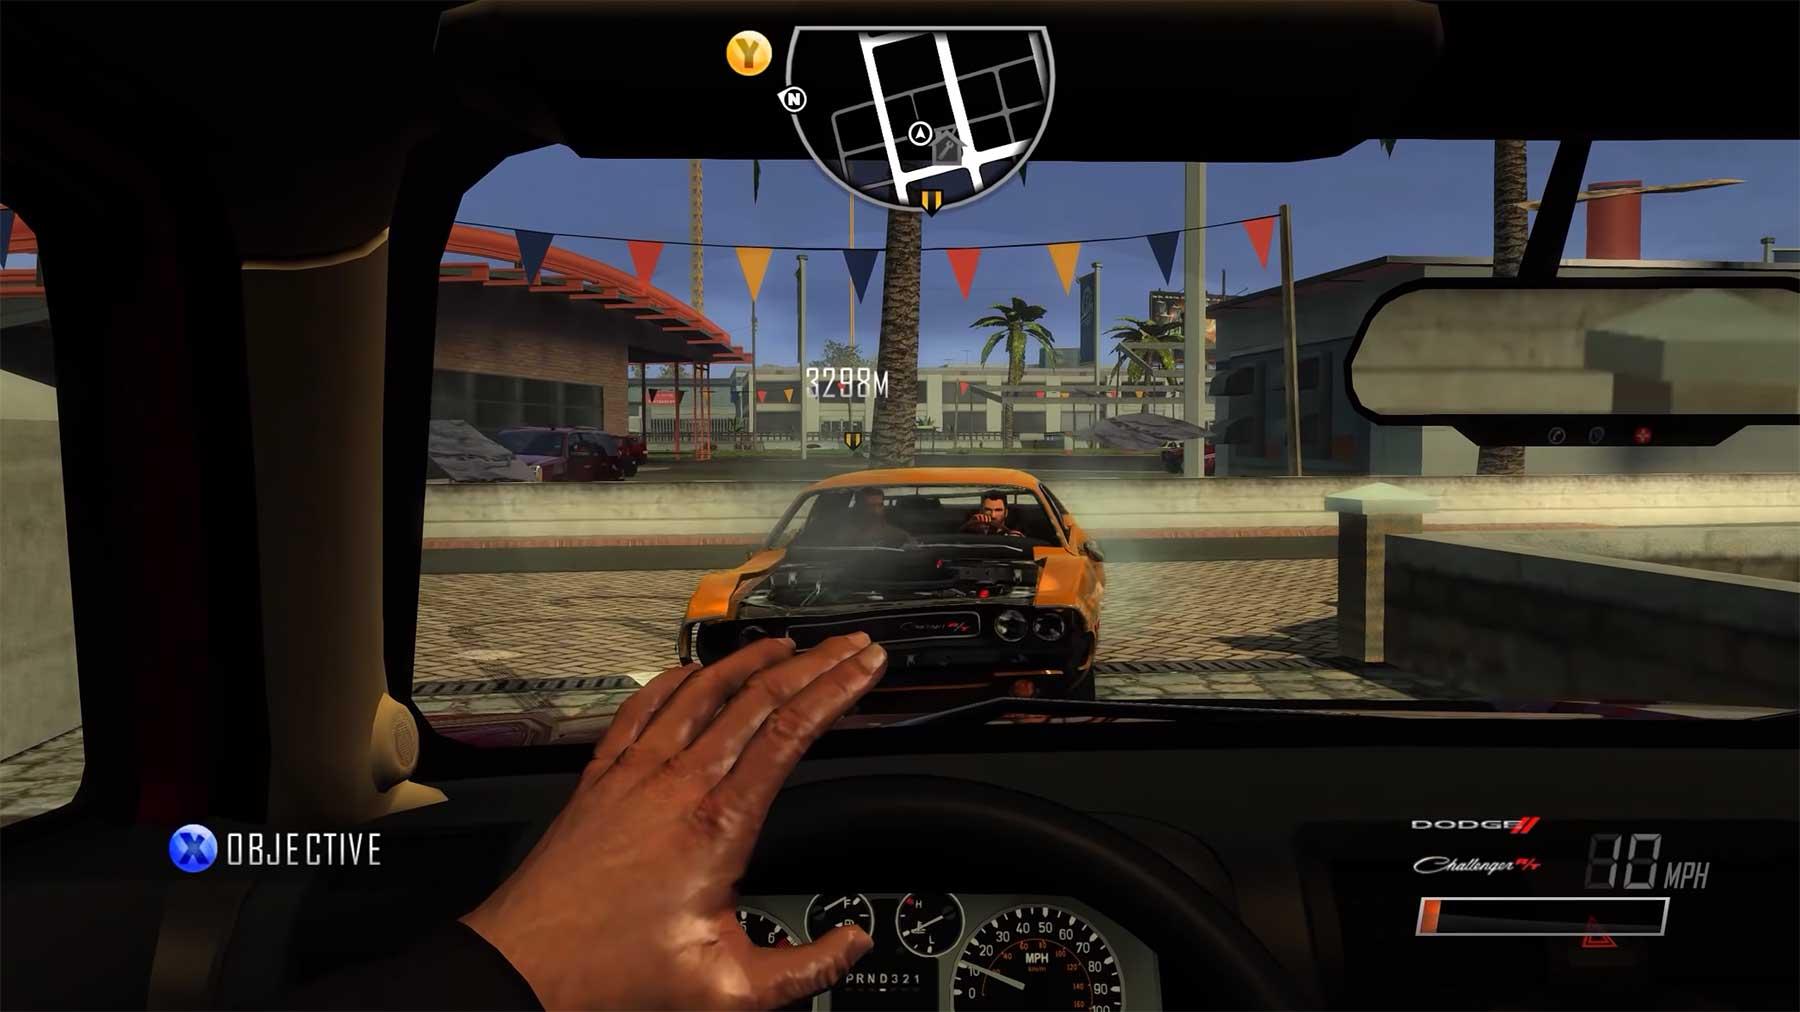 Wie sähe wohl ein Second-Person-Videospiel aus?